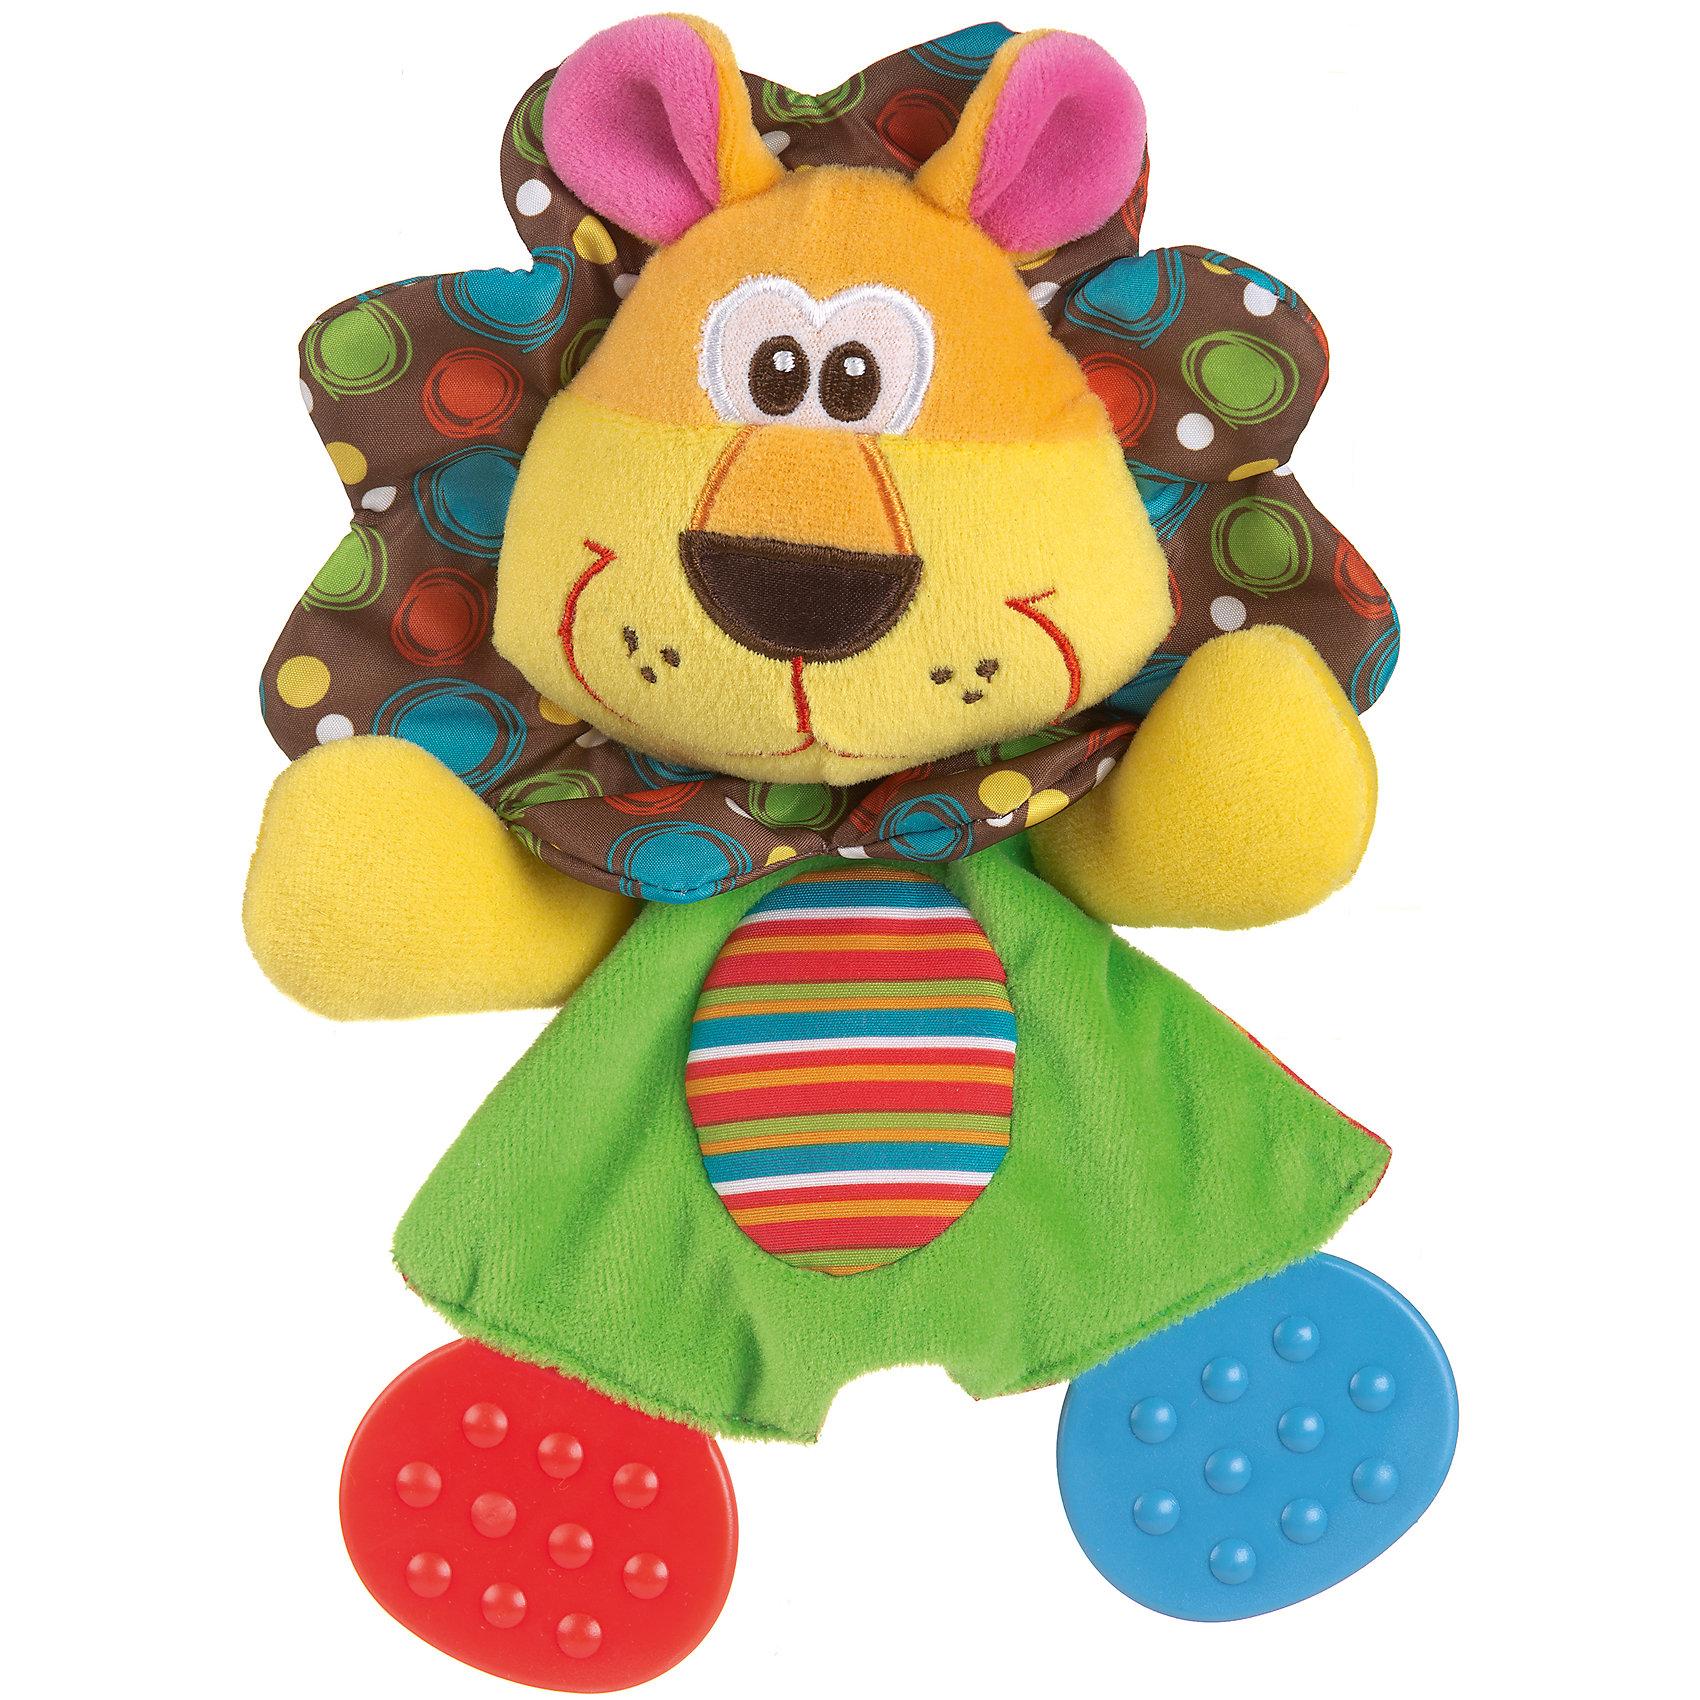 Мягкая игрушка Львенок, PlaygroМягкие игрушки<br>Игрушка Львенок с прорезывателями предназначена для детей, у которых только-только начинают расти первые зубки. Она выполнена в виде симпатичного львенка, на лапках которого расположены два мягких прорезывателя. Игрушка изготовлена из качественных материалов, безопасных для здоровья ребенка.<br><br>Дополнительная информация:<br><br>- Возраст: от 3 месяцев до 2 лет<br>- Материал: текстиль, пластик<br>- Размер: 13х4х24 см<br>- Вес: 0.06 кг<br><br>Мягкую игрушку Львенок, Playgro можно купить в нашем интернет-магазине.<br><br>Ширина мм: 130<br>Глубина мм: 42<br>Высота мм: 240<br>Вес г: 60<br>Возраст от месяцев: 3<br>Возраст до месяцев: 24<br>Пол: Унисекс<br>Возраст: Детский<br>SKU: 4779540